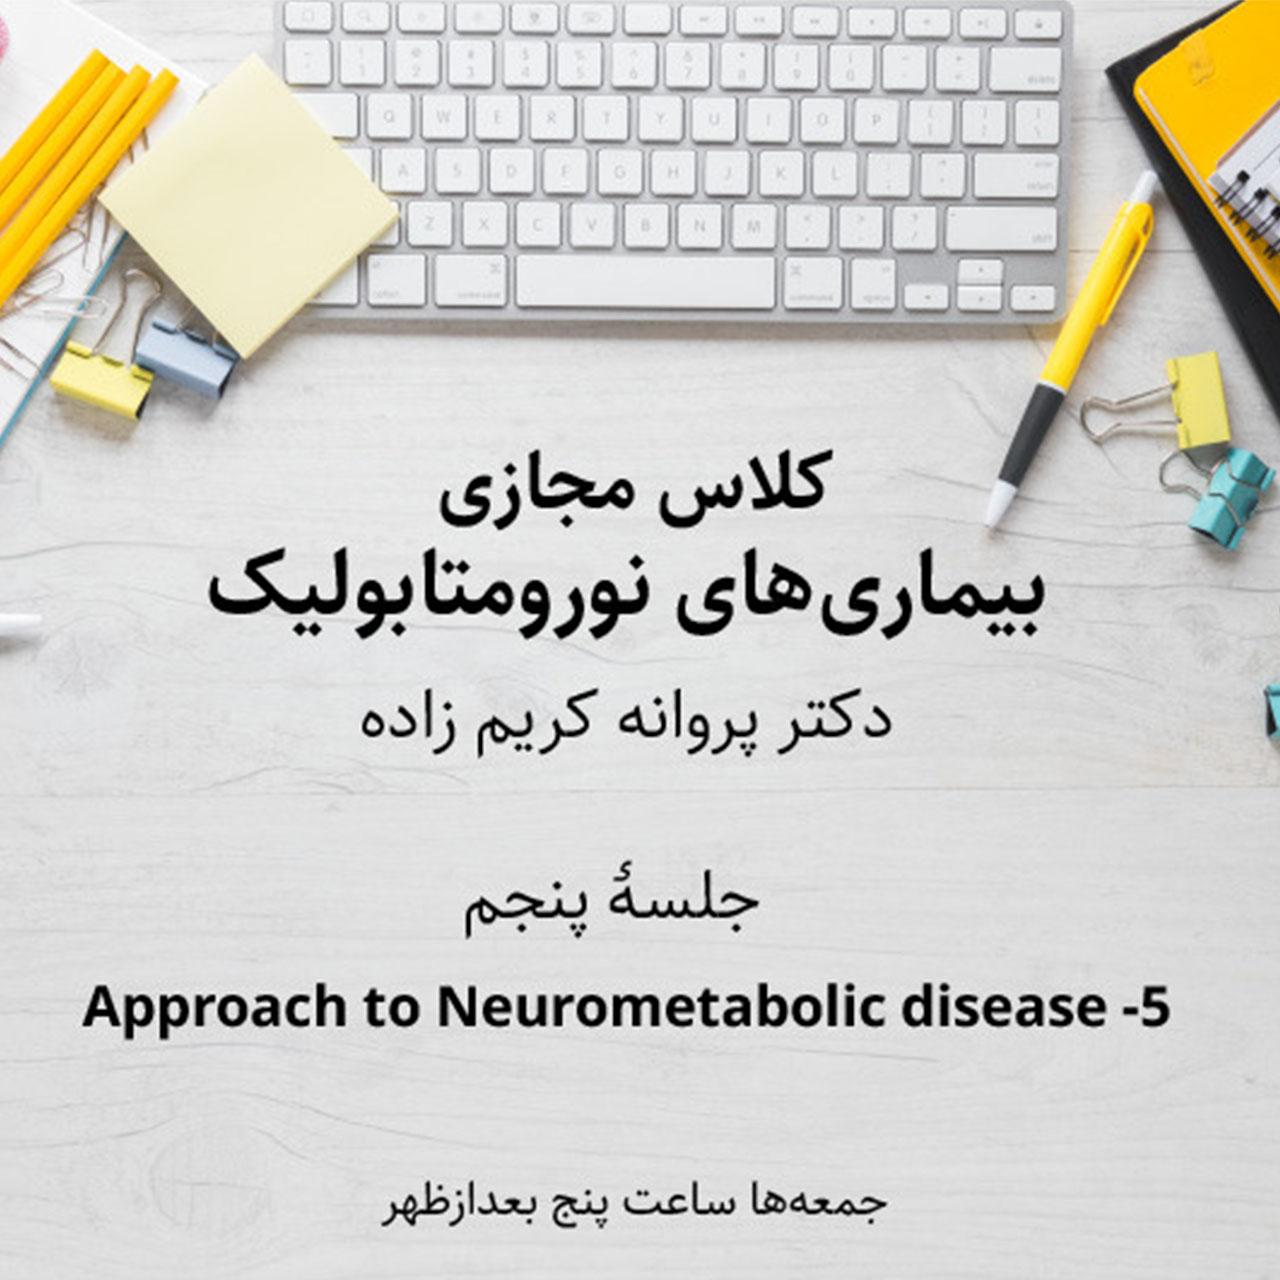 بیماریهای نورومتابولیک - جلسه پنجم